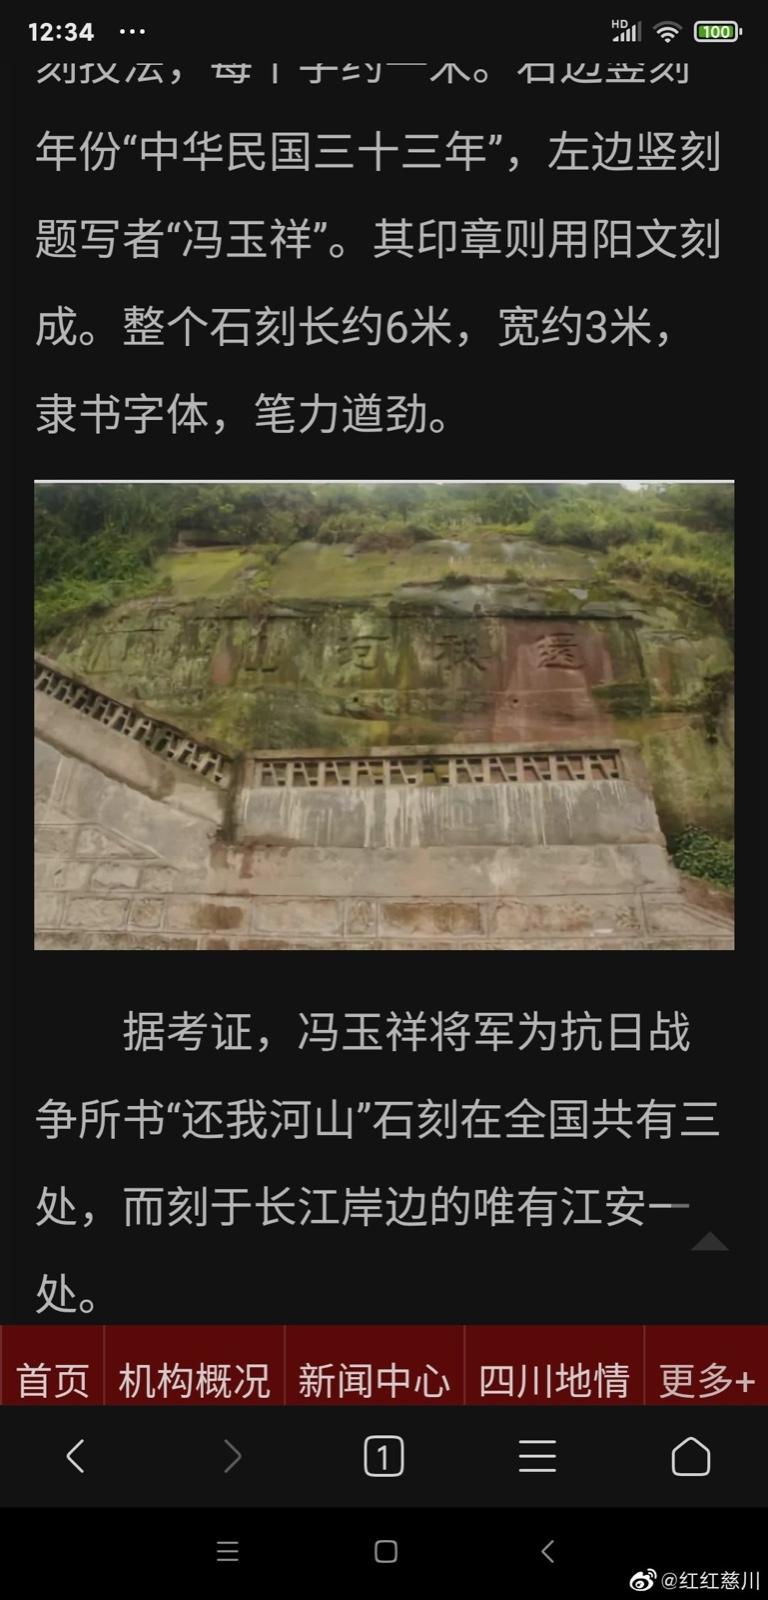 长宁有感_图1-3